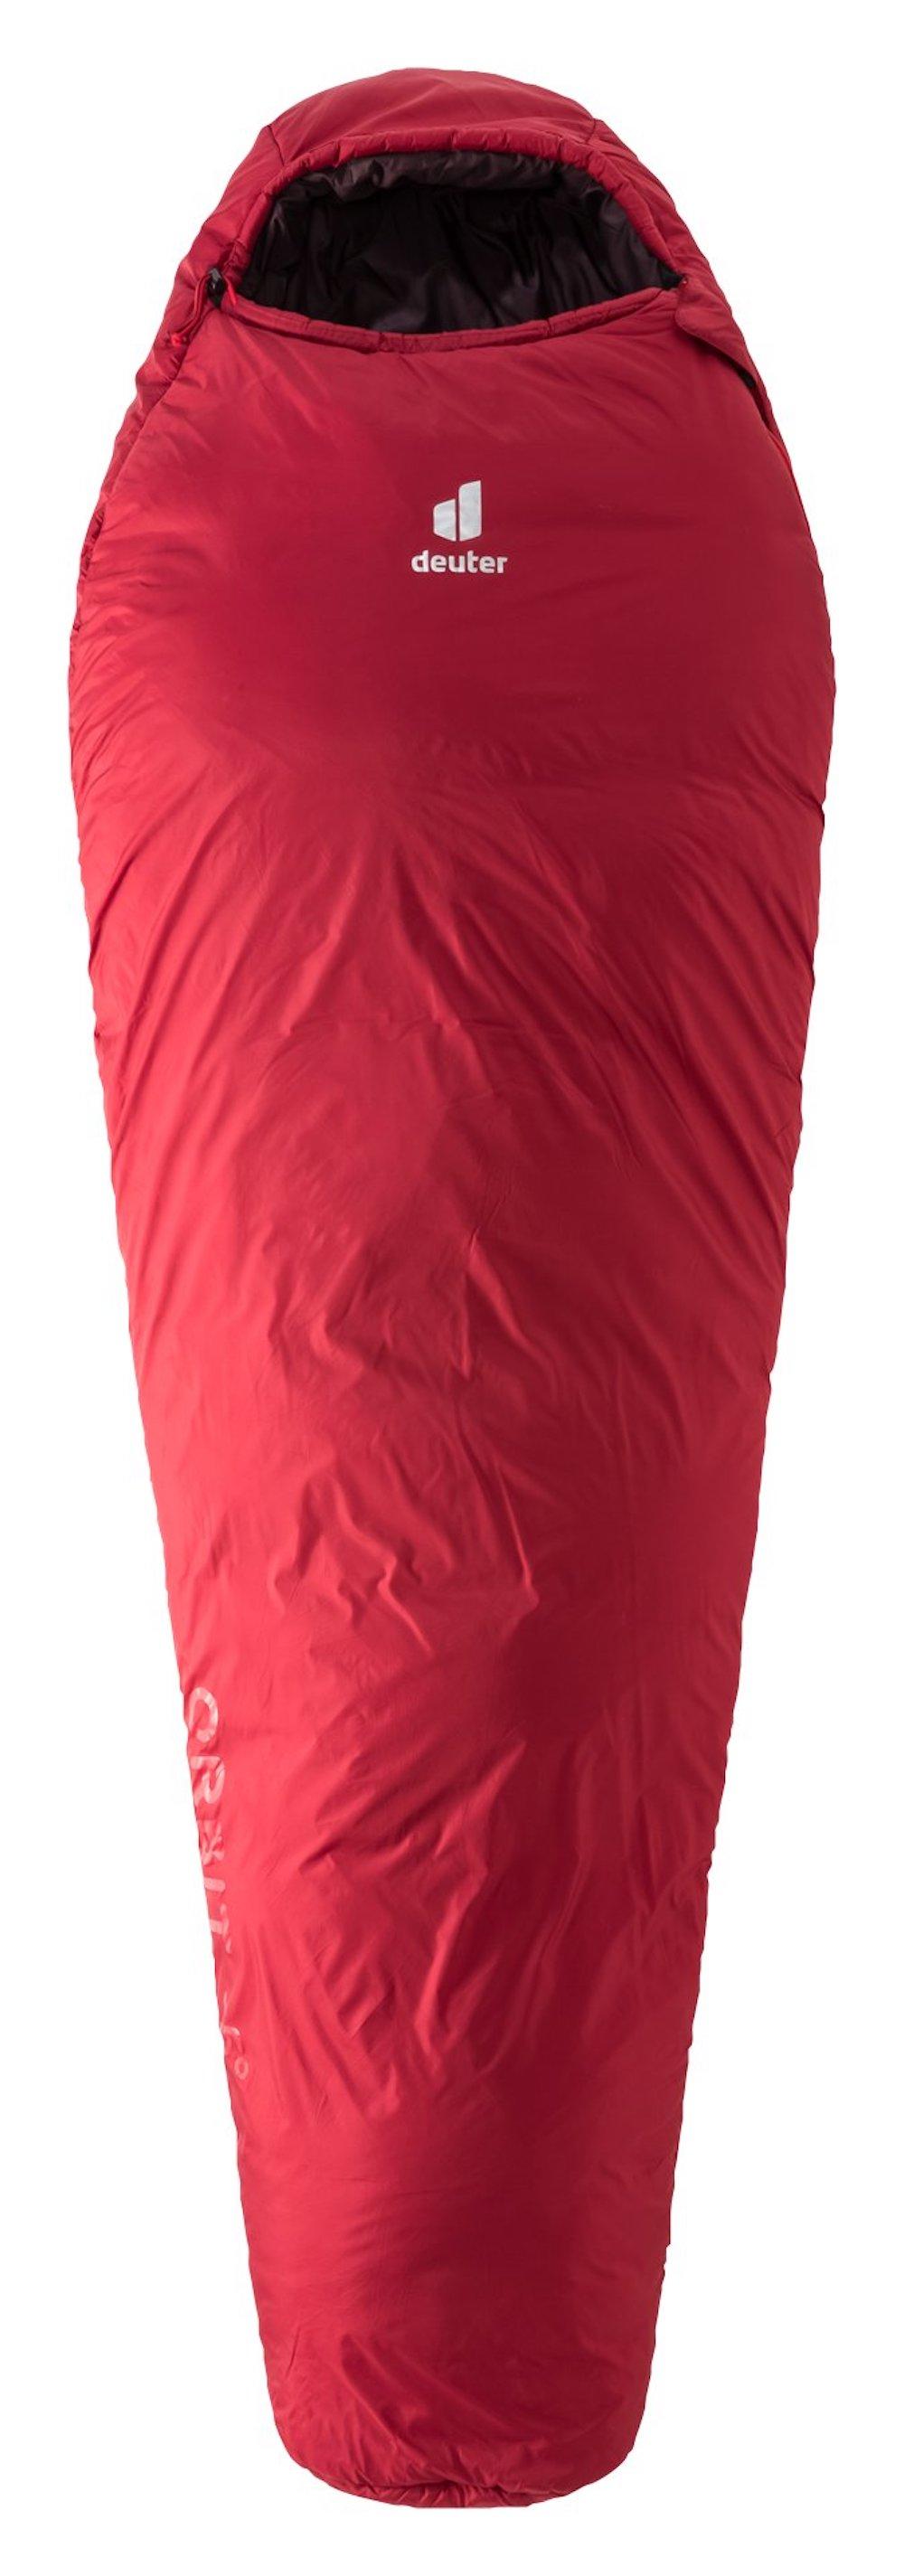 Deuter - Orbit -5° SL / Zip left, Kunstfaserschlafsack für Frauen